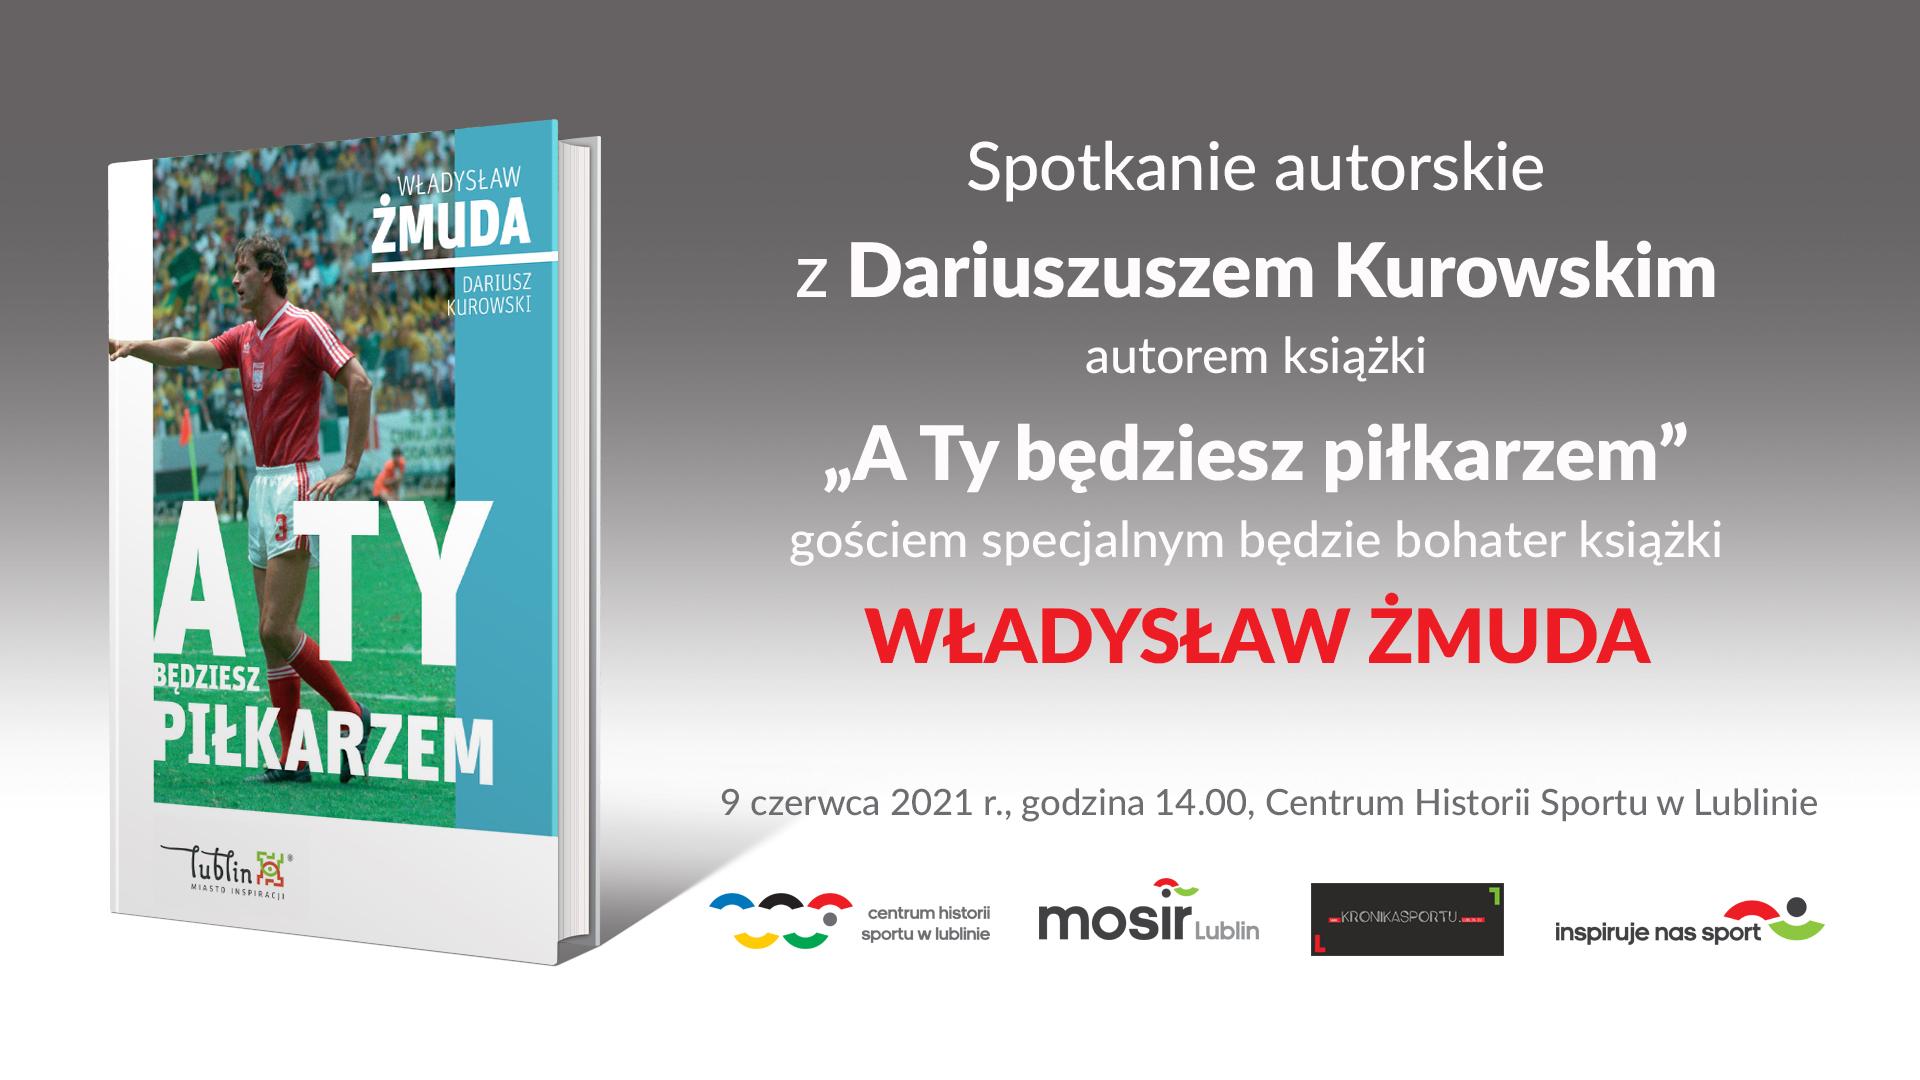 """""""A Ty będziesz piłkarzem"""". Spotkanie autorskie z Władysławem Żmudą i Dariuszem Kurowskim"""